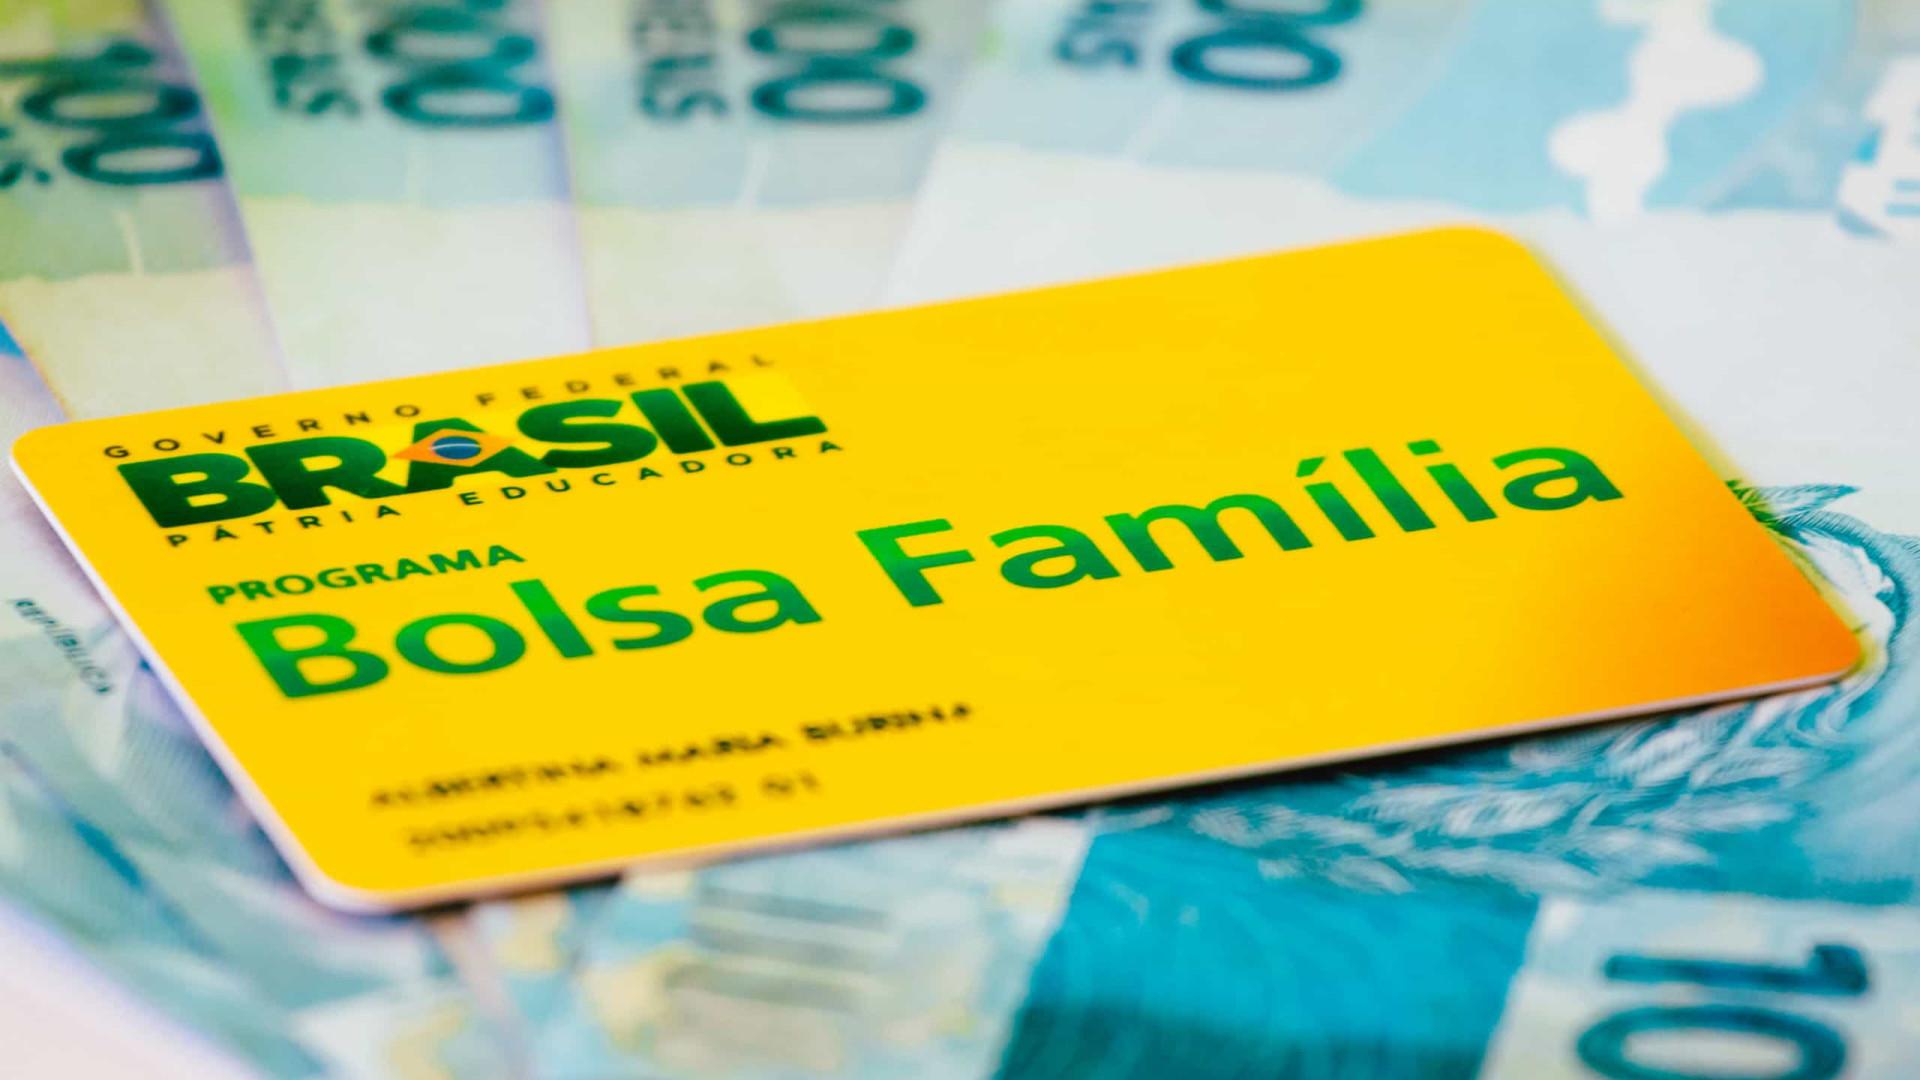 Caixa divulga calendário de pagamentos do Bolsa Família em 2021